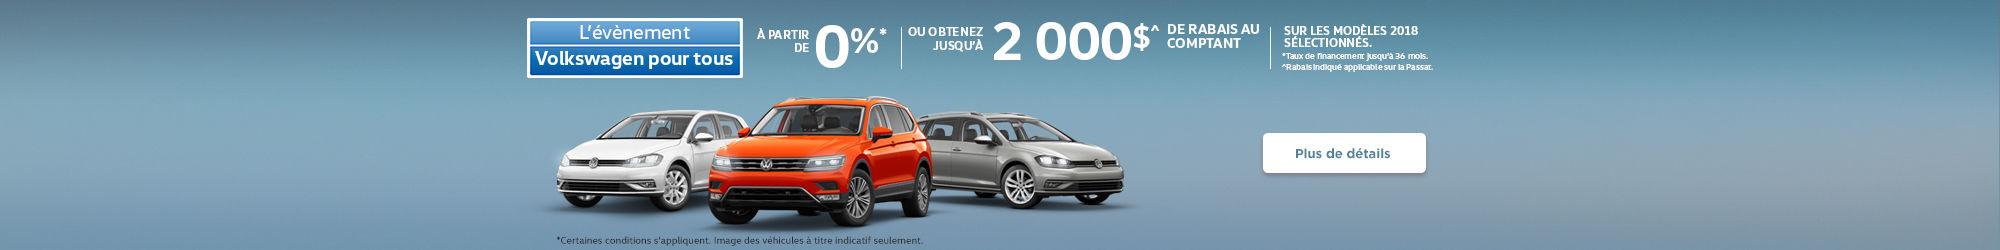 L'évènement Volkswagen pour tous